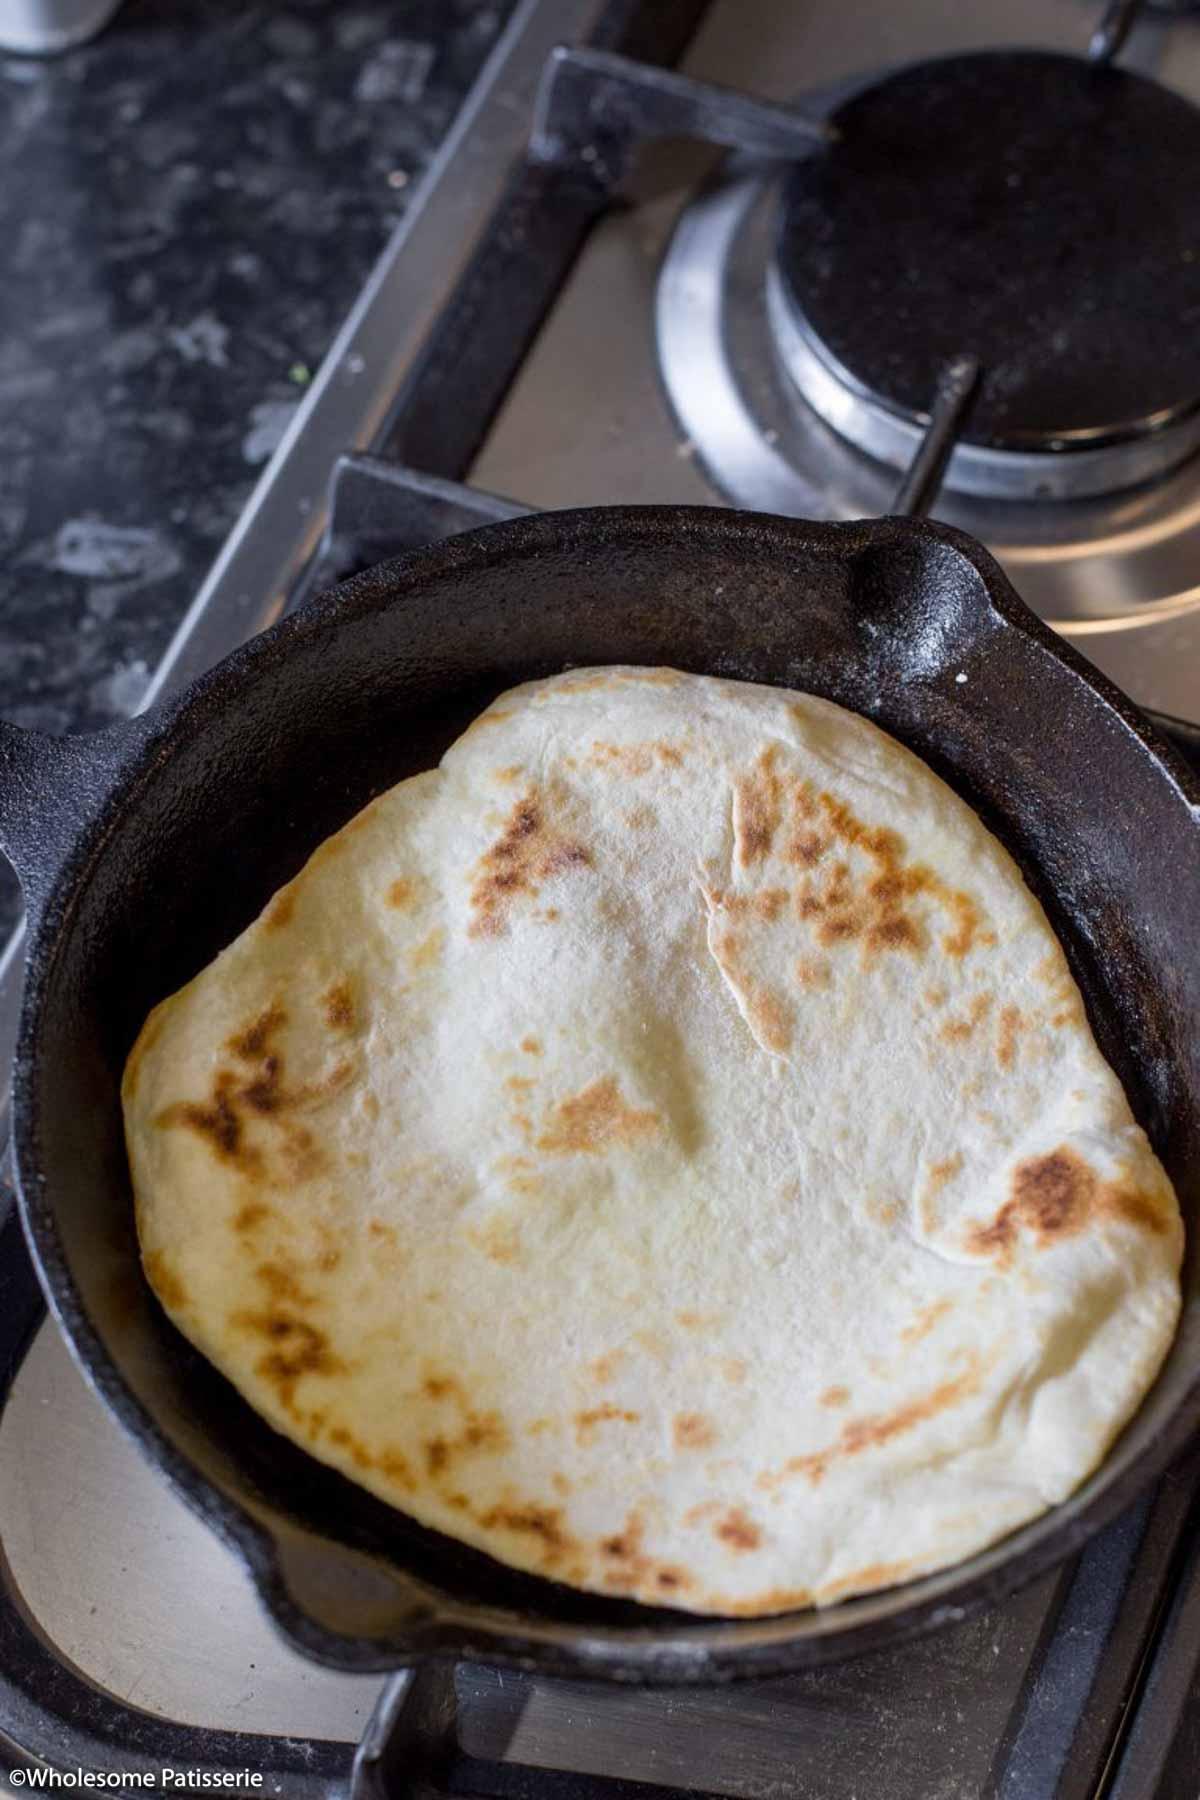 Pan frying flat bread